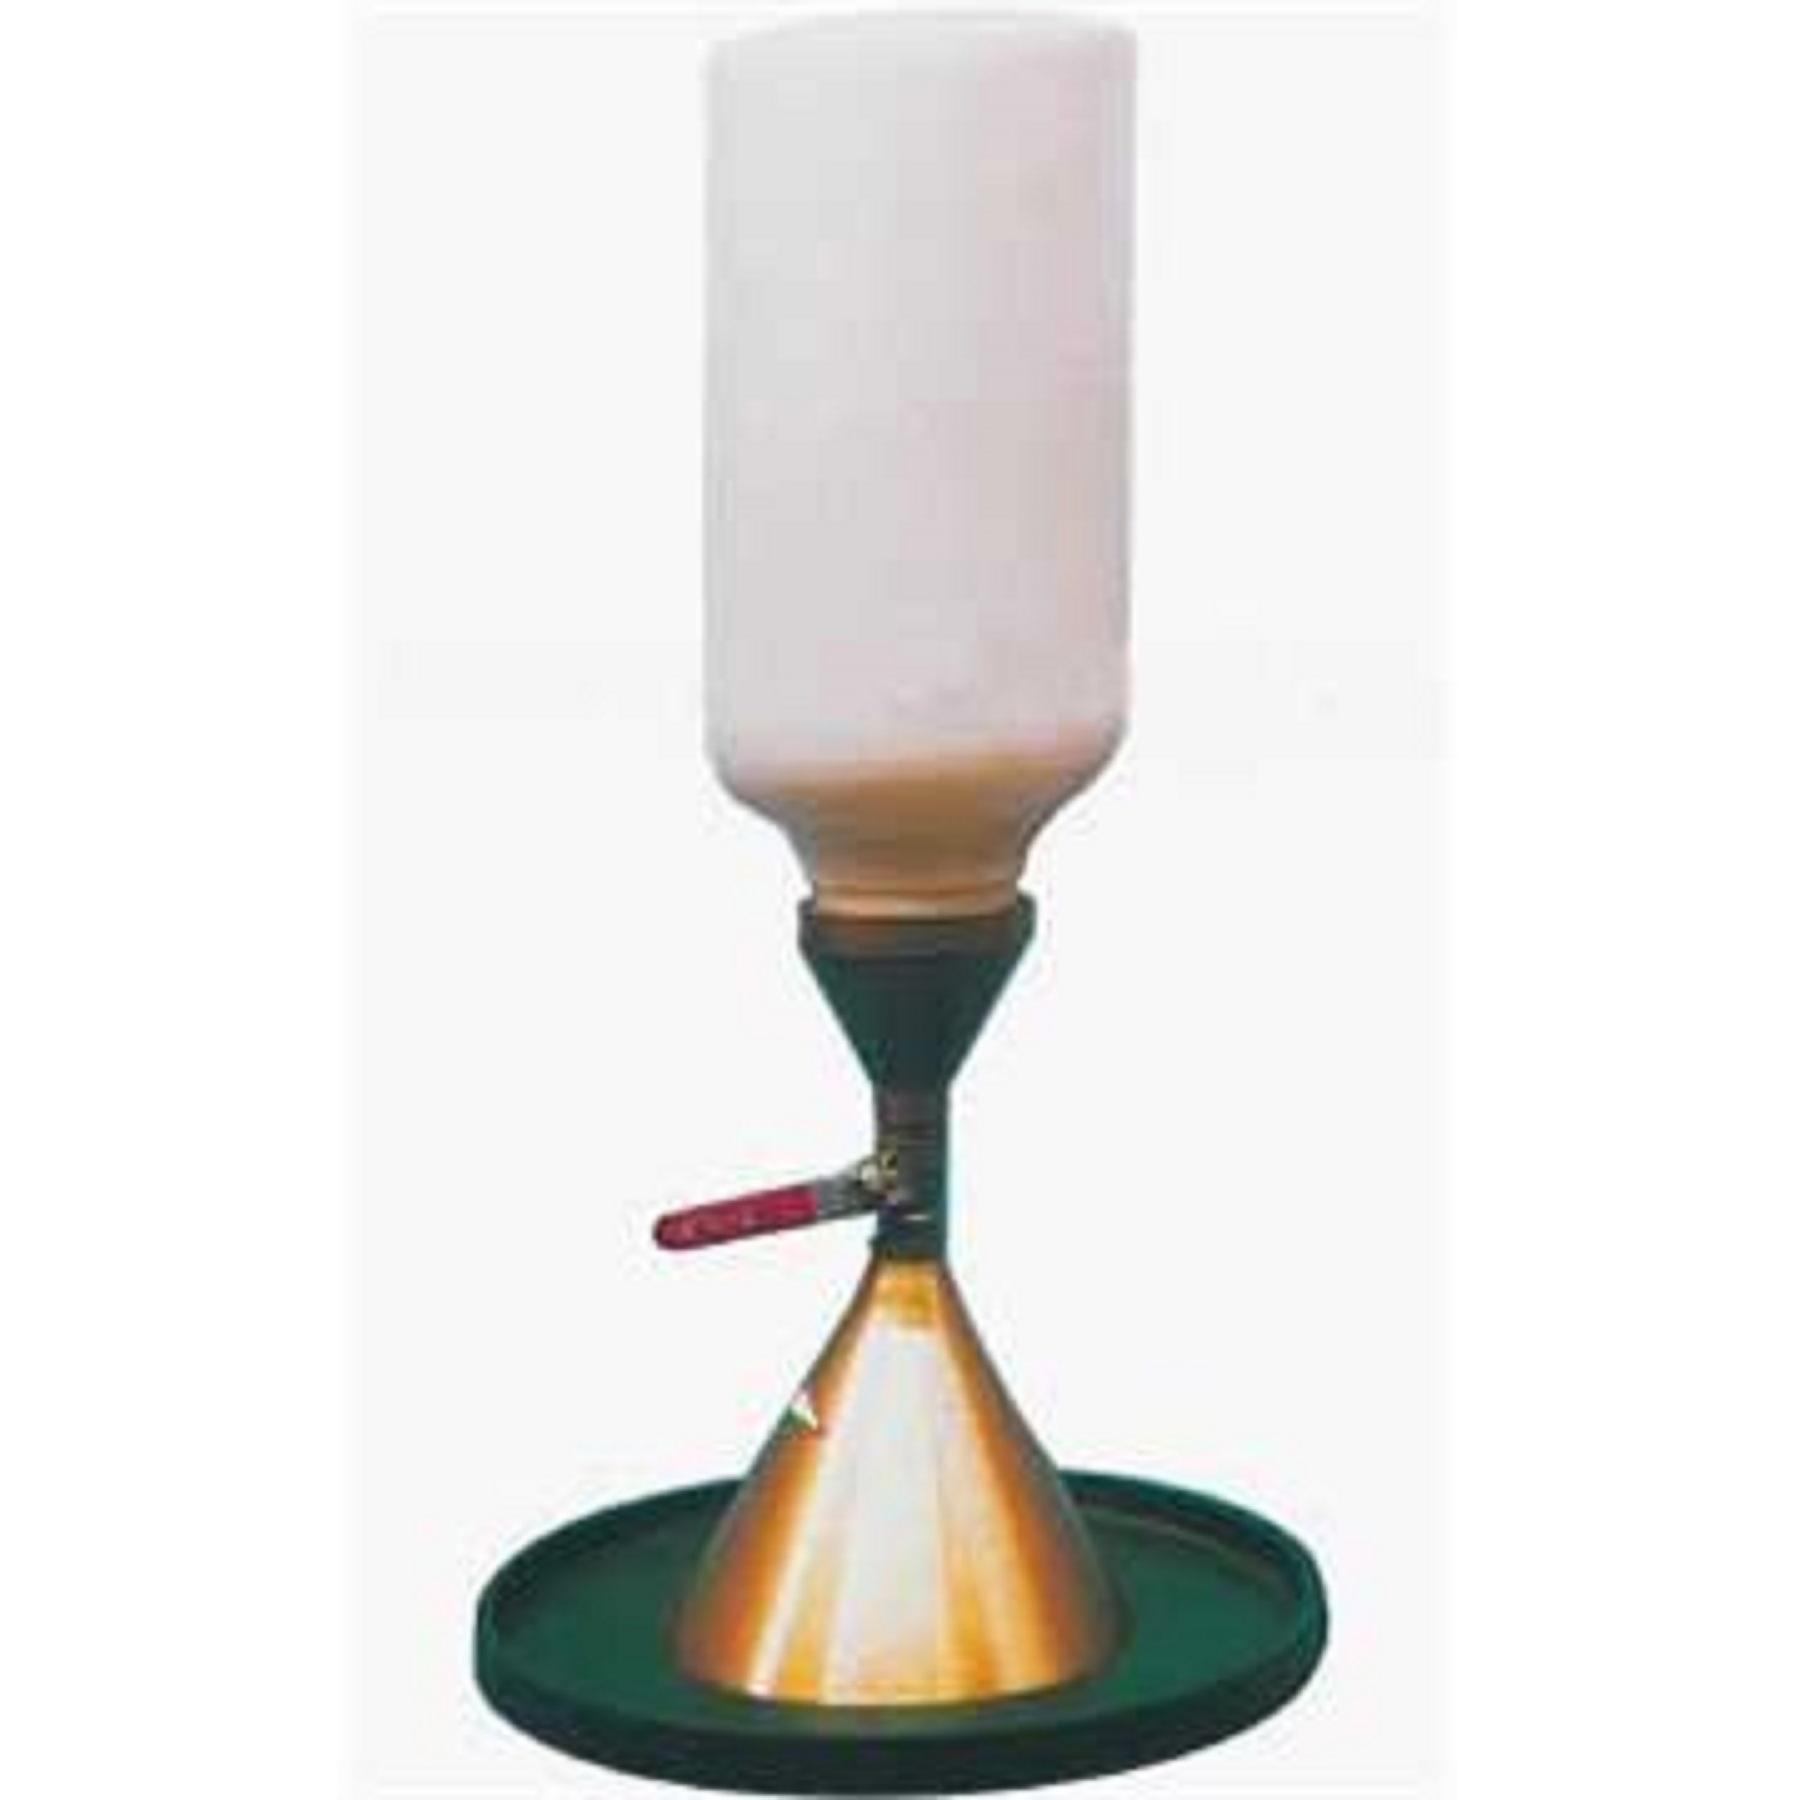 灌砂法容重测定仪SEW-GRY-Ⅱ